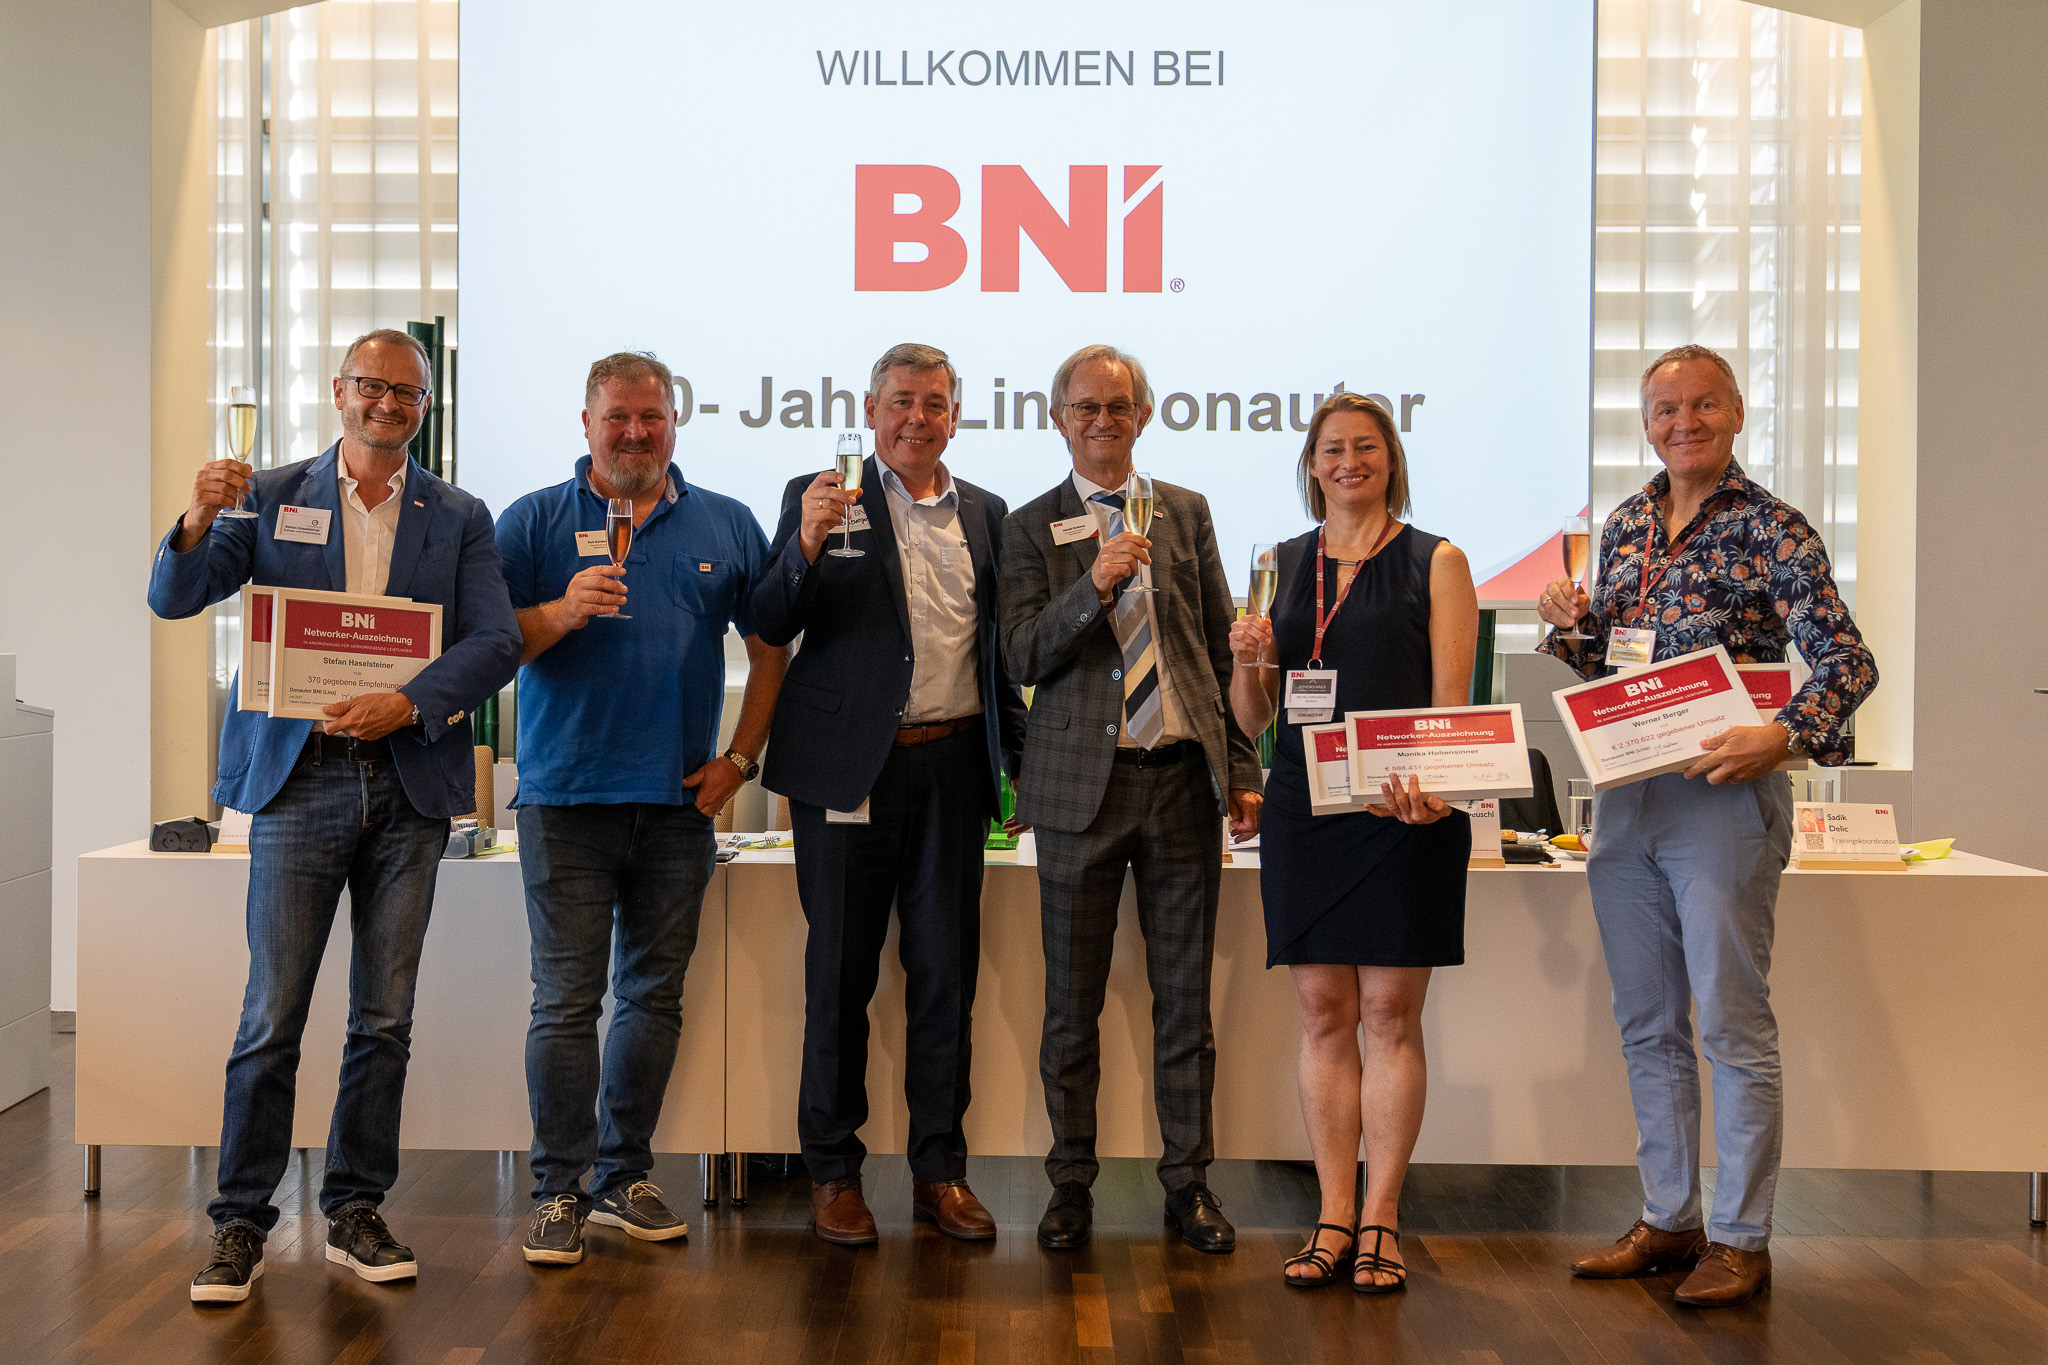 vlnr. Stefan Haselsteiner, Kurt Kurzbauer, Johann Bauernberger, Harald Kotterer, Monika Hohensinner und Werner Berger